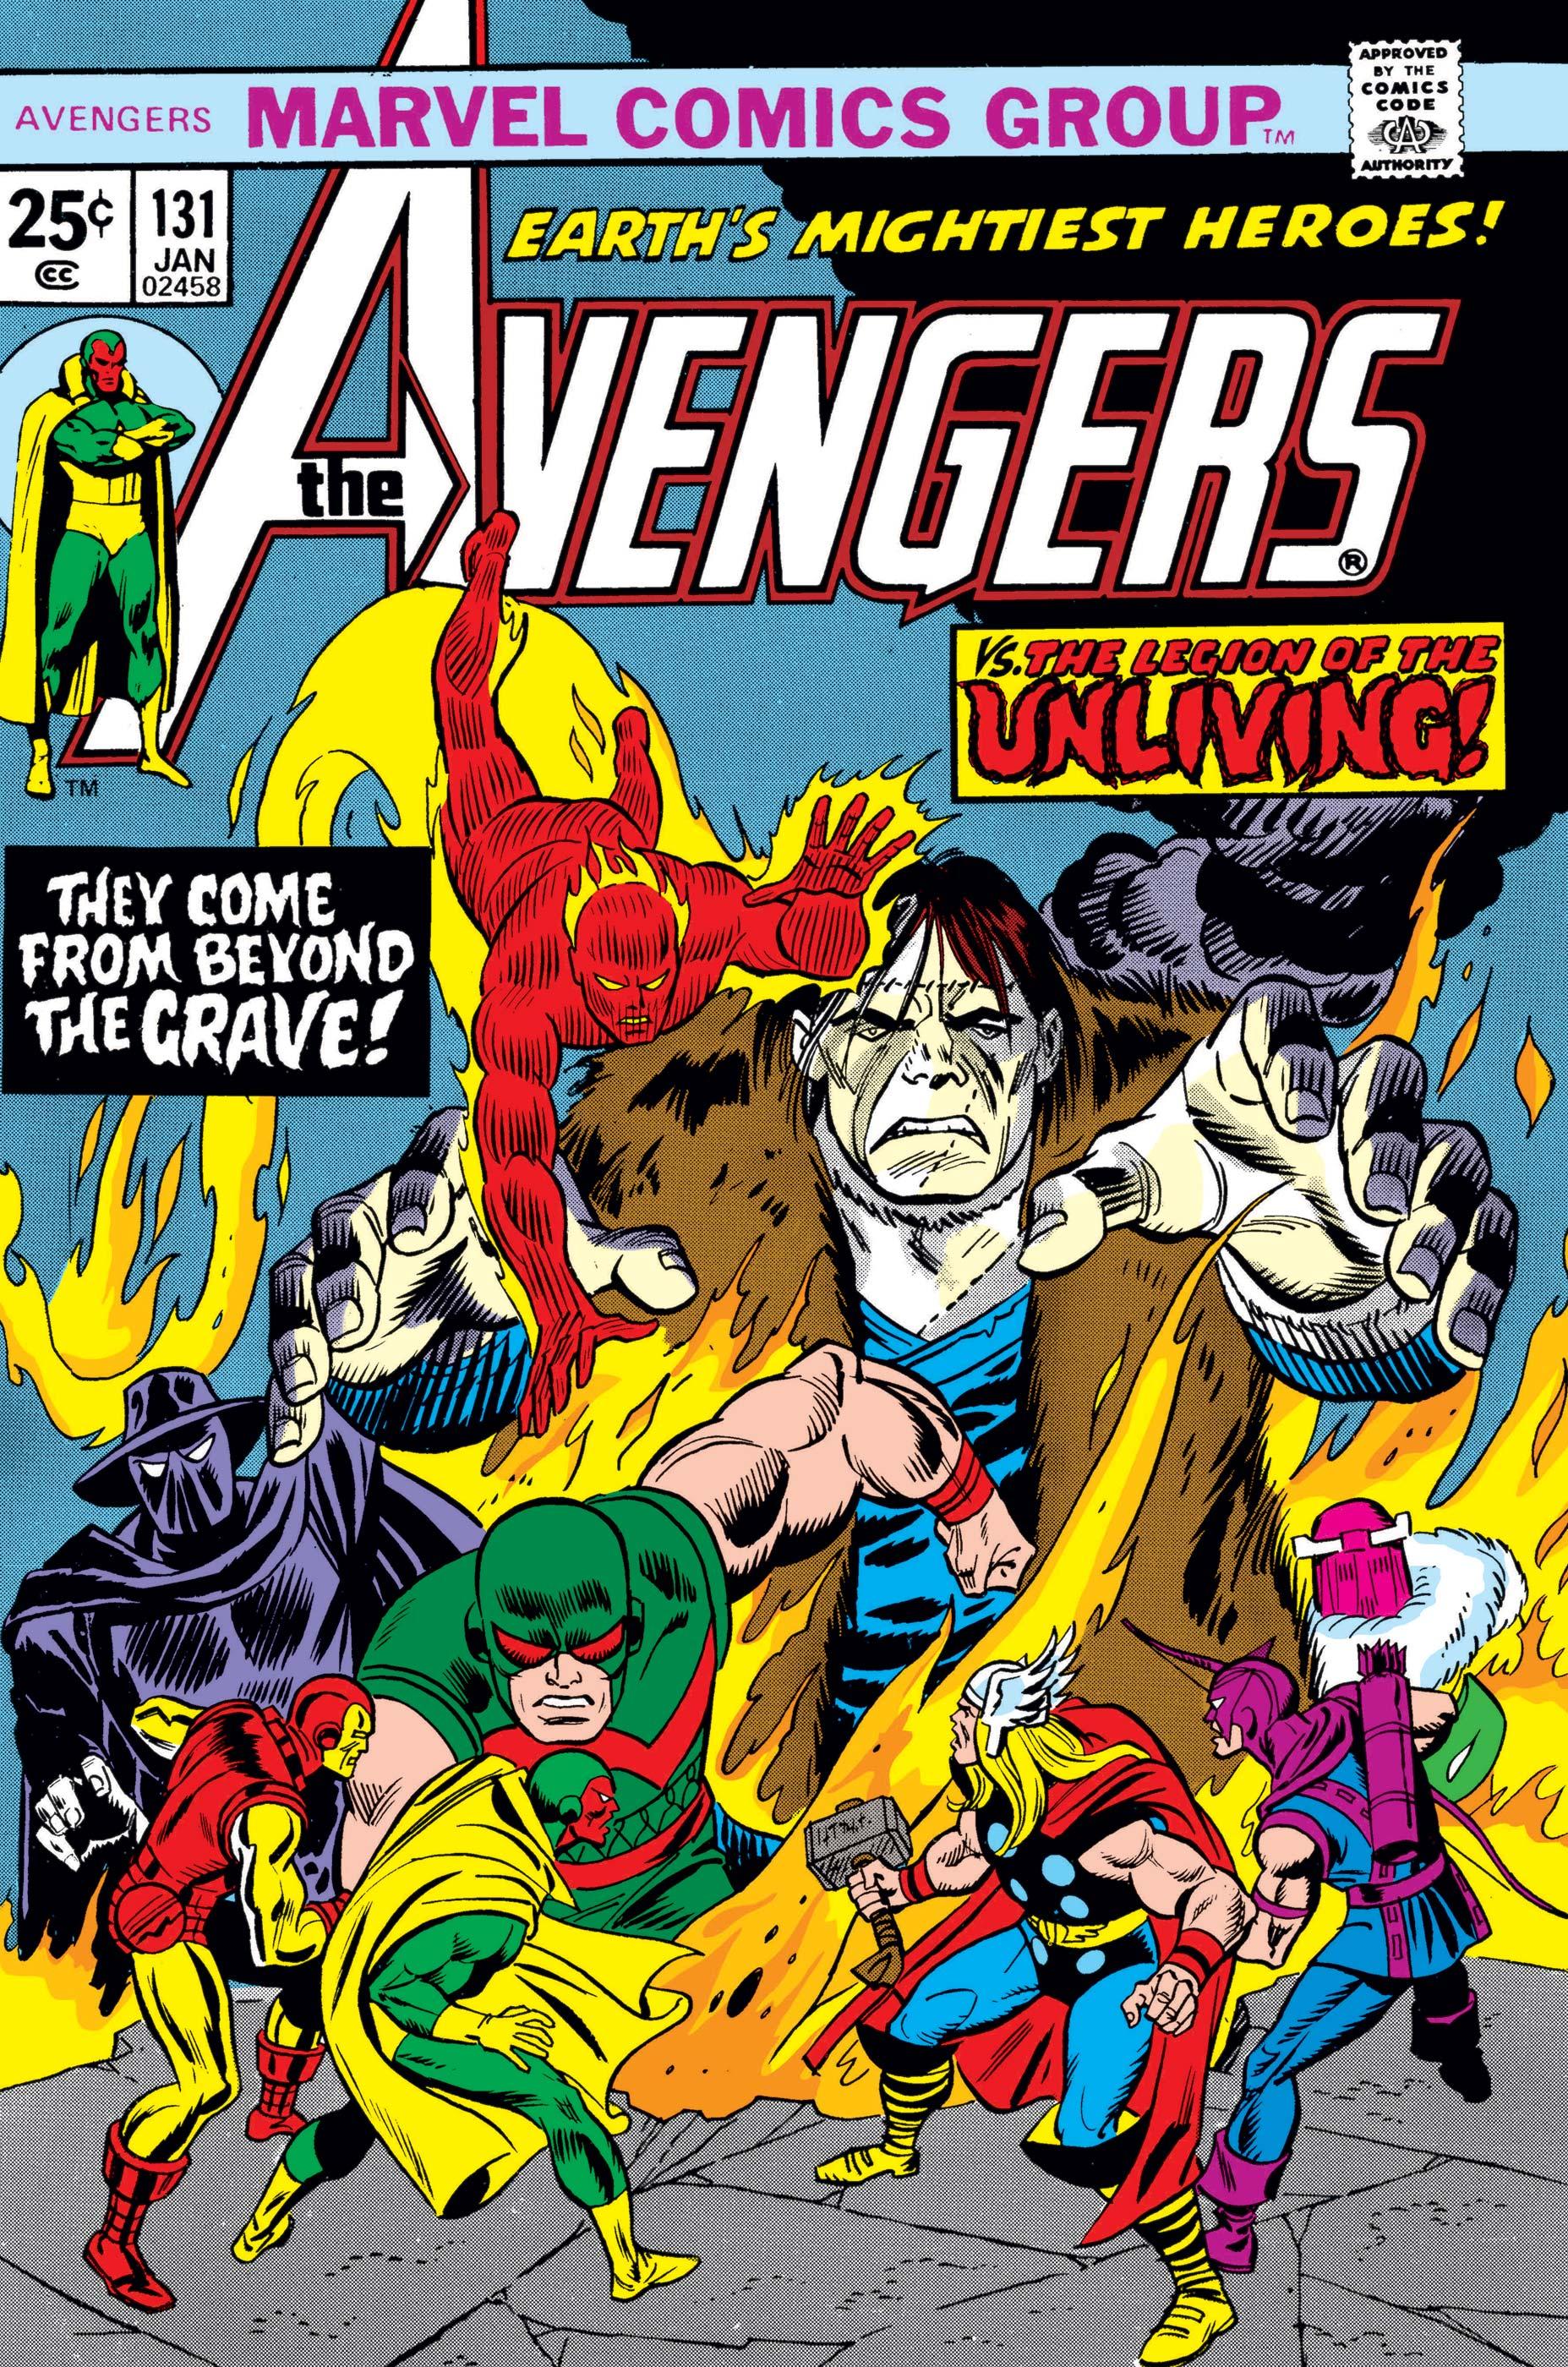 Avengers (1963) #131